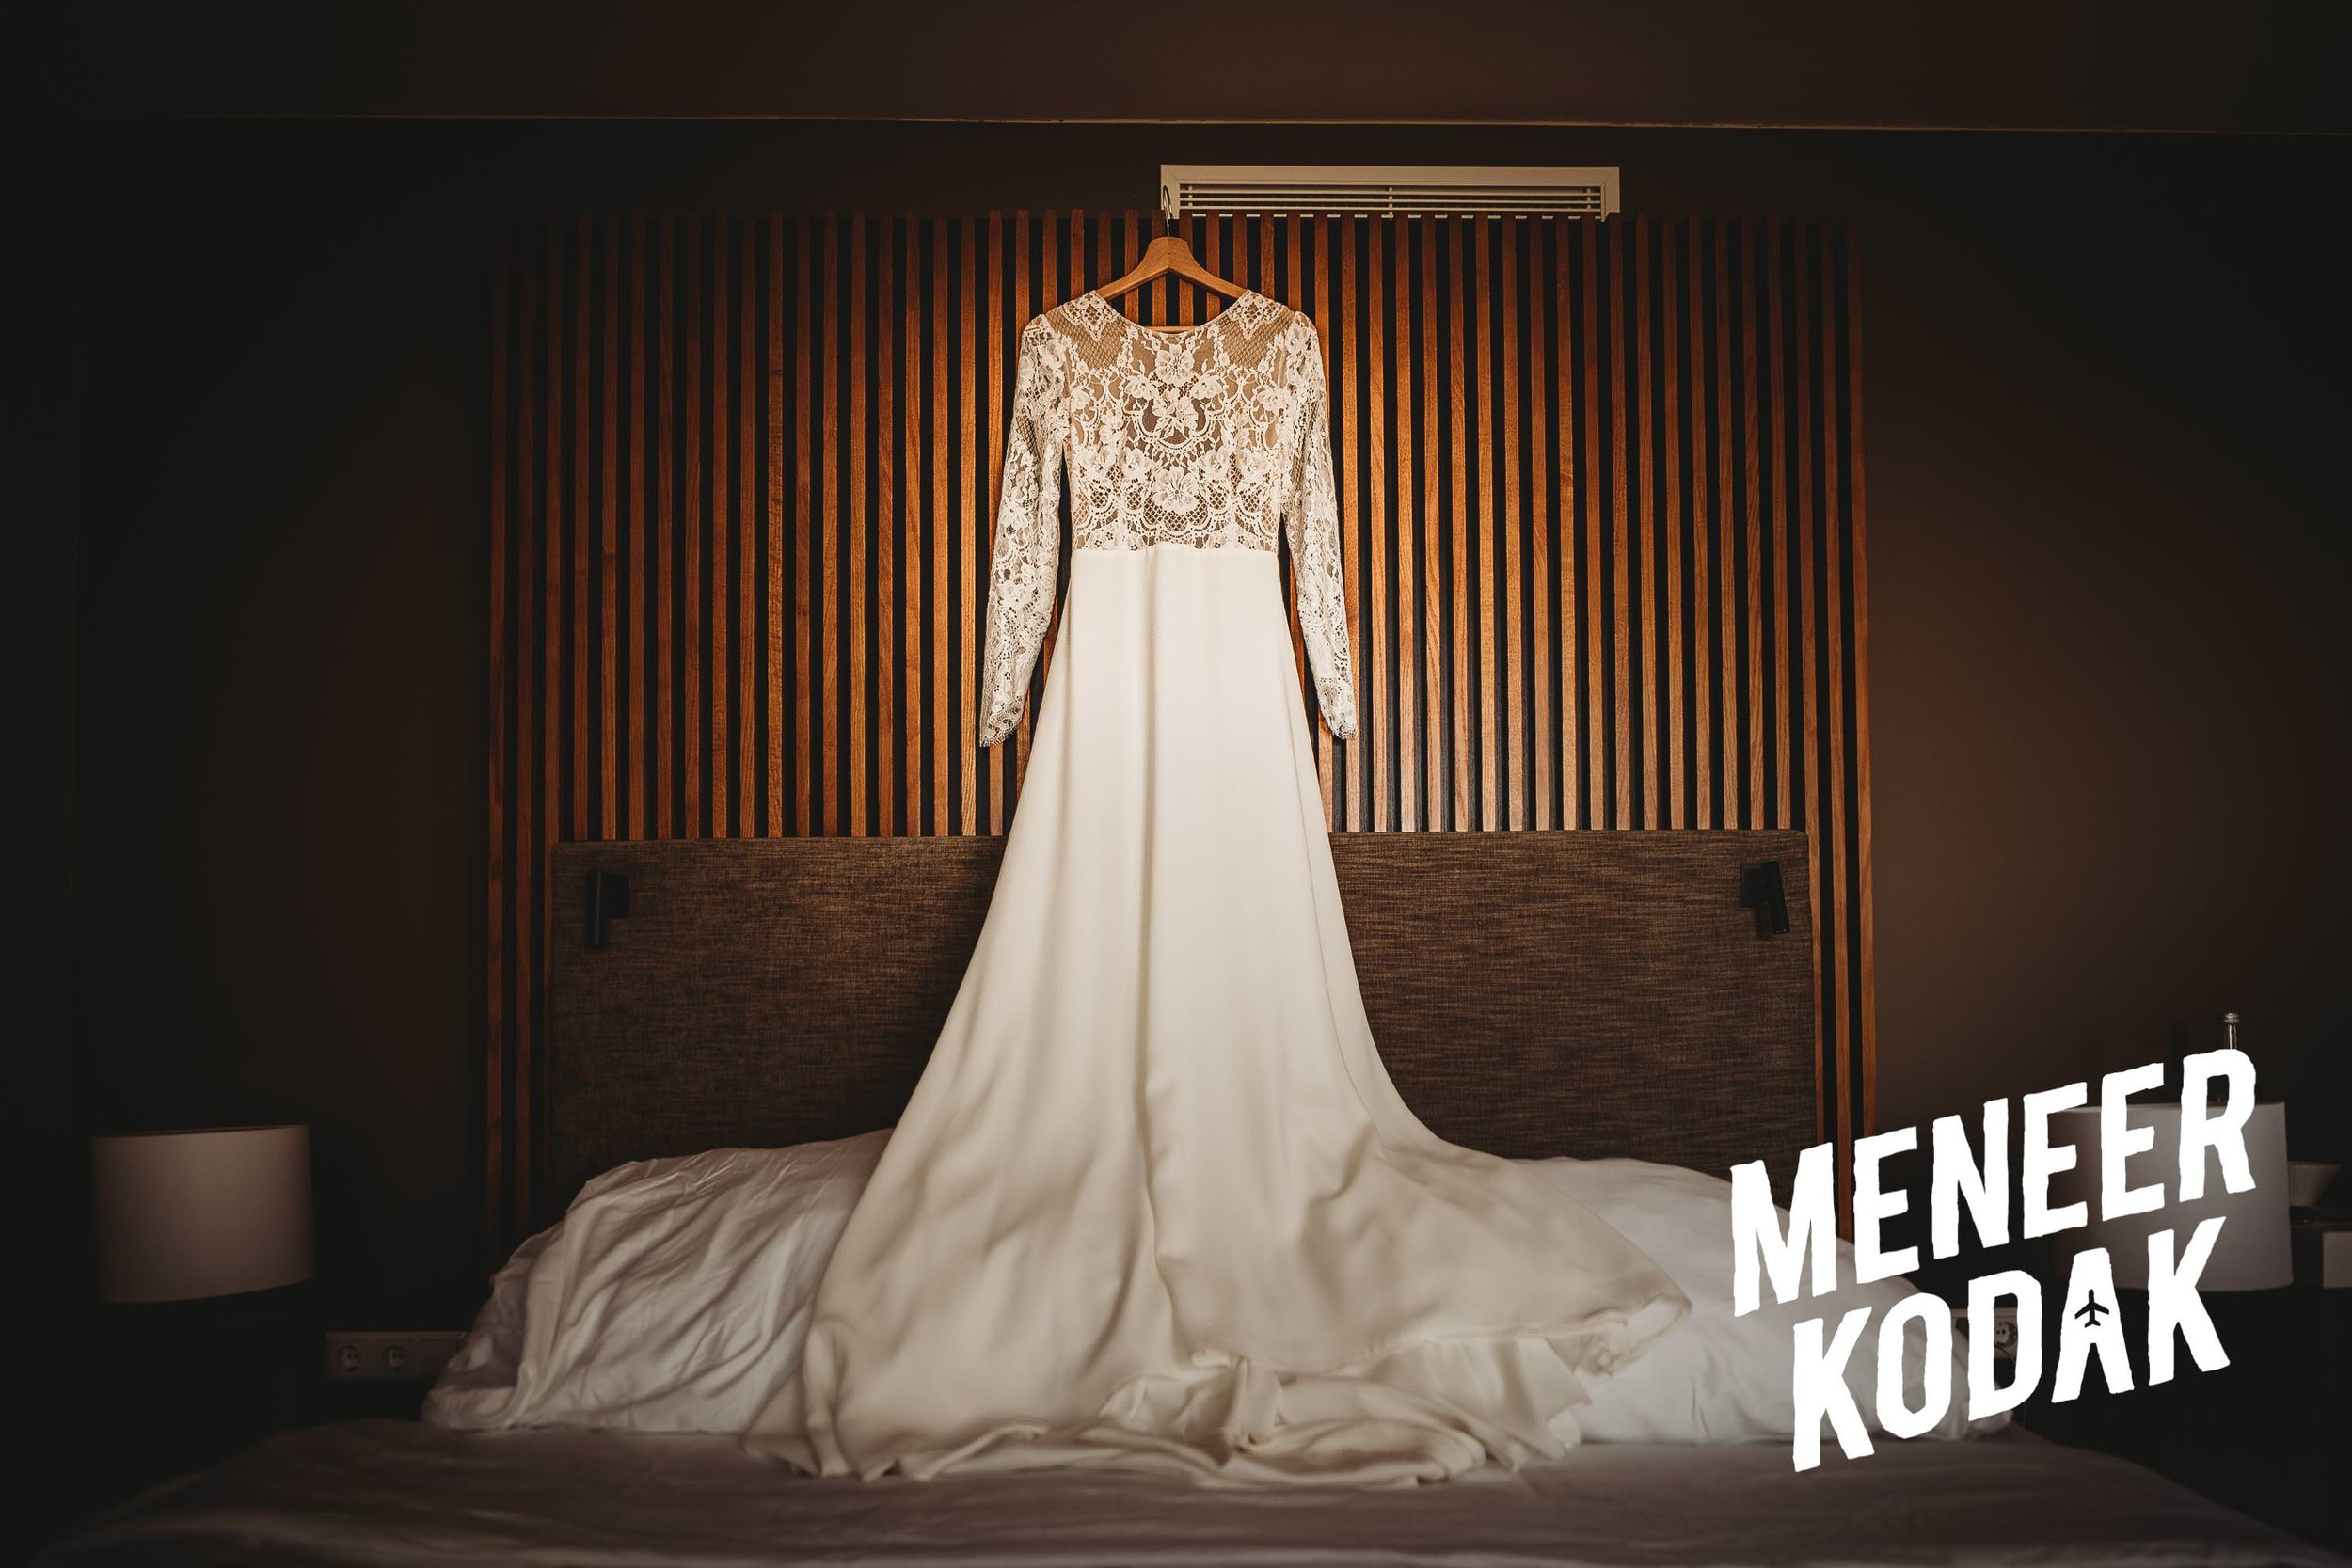 Meneer Kodak - Bruidsfotograaf - Amsterdam - M&J-007.jpg